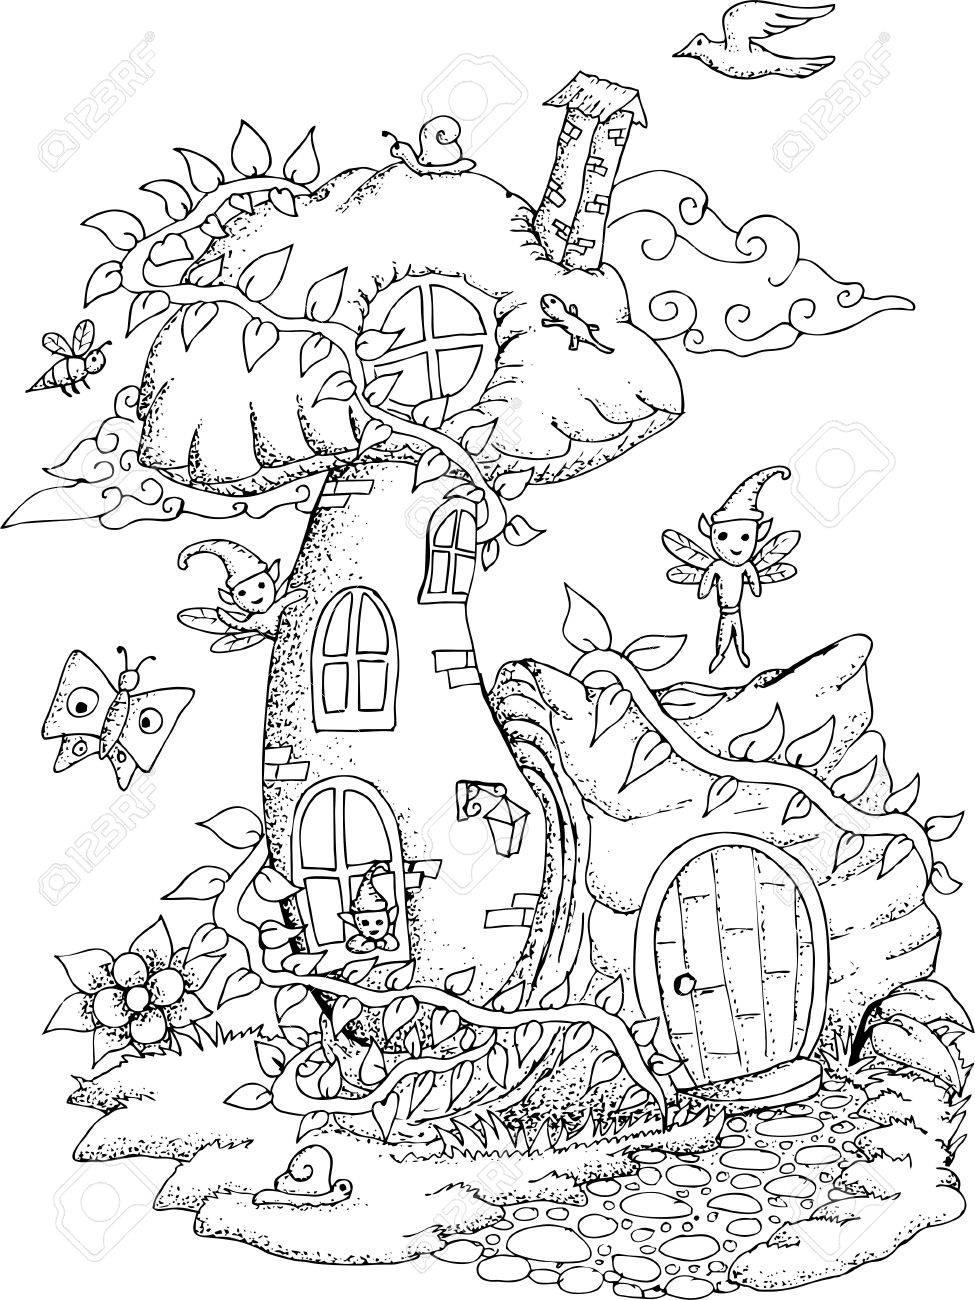 Illustration En Noir Et Blanc Dune Maison De Fée Avec Des Détails